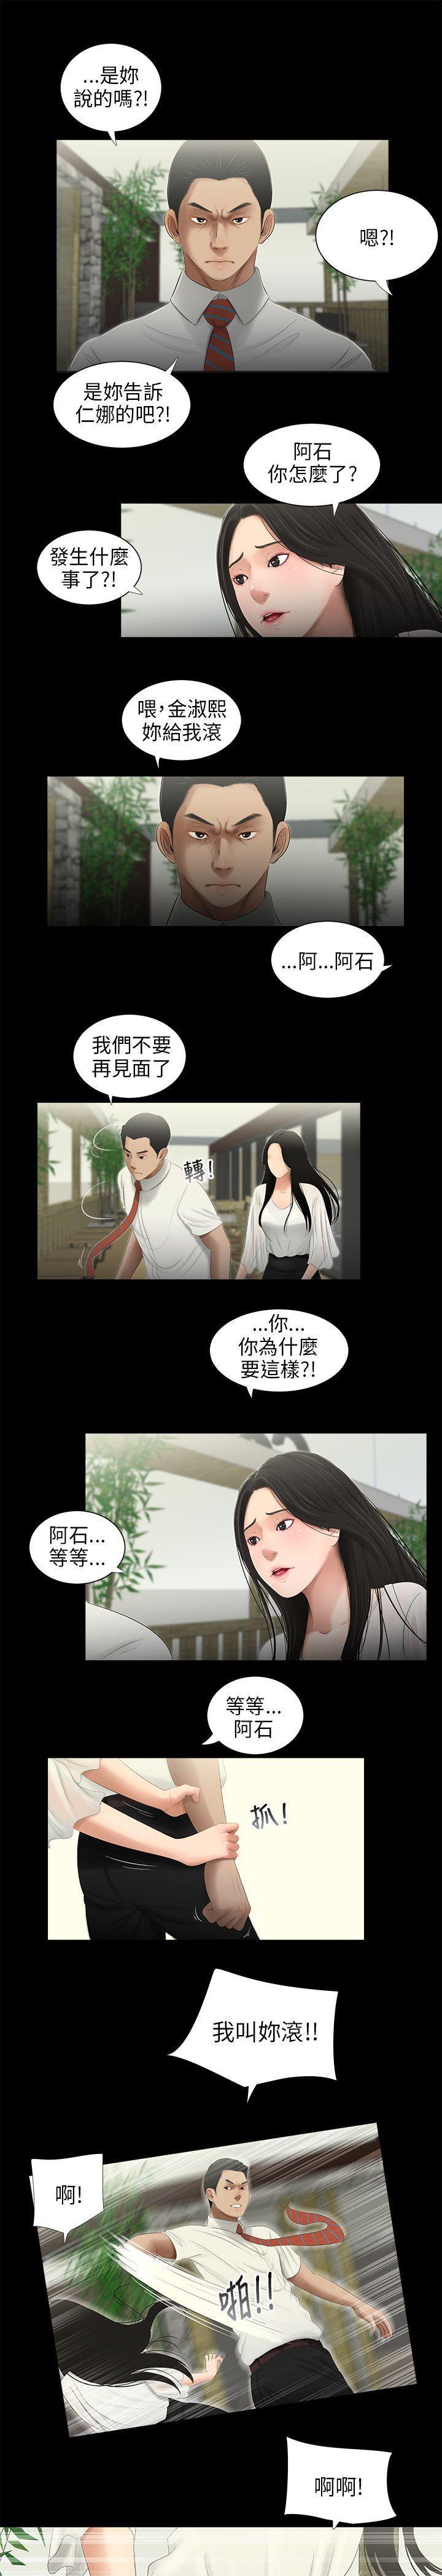 三姐妹 47-50 Chinese 34